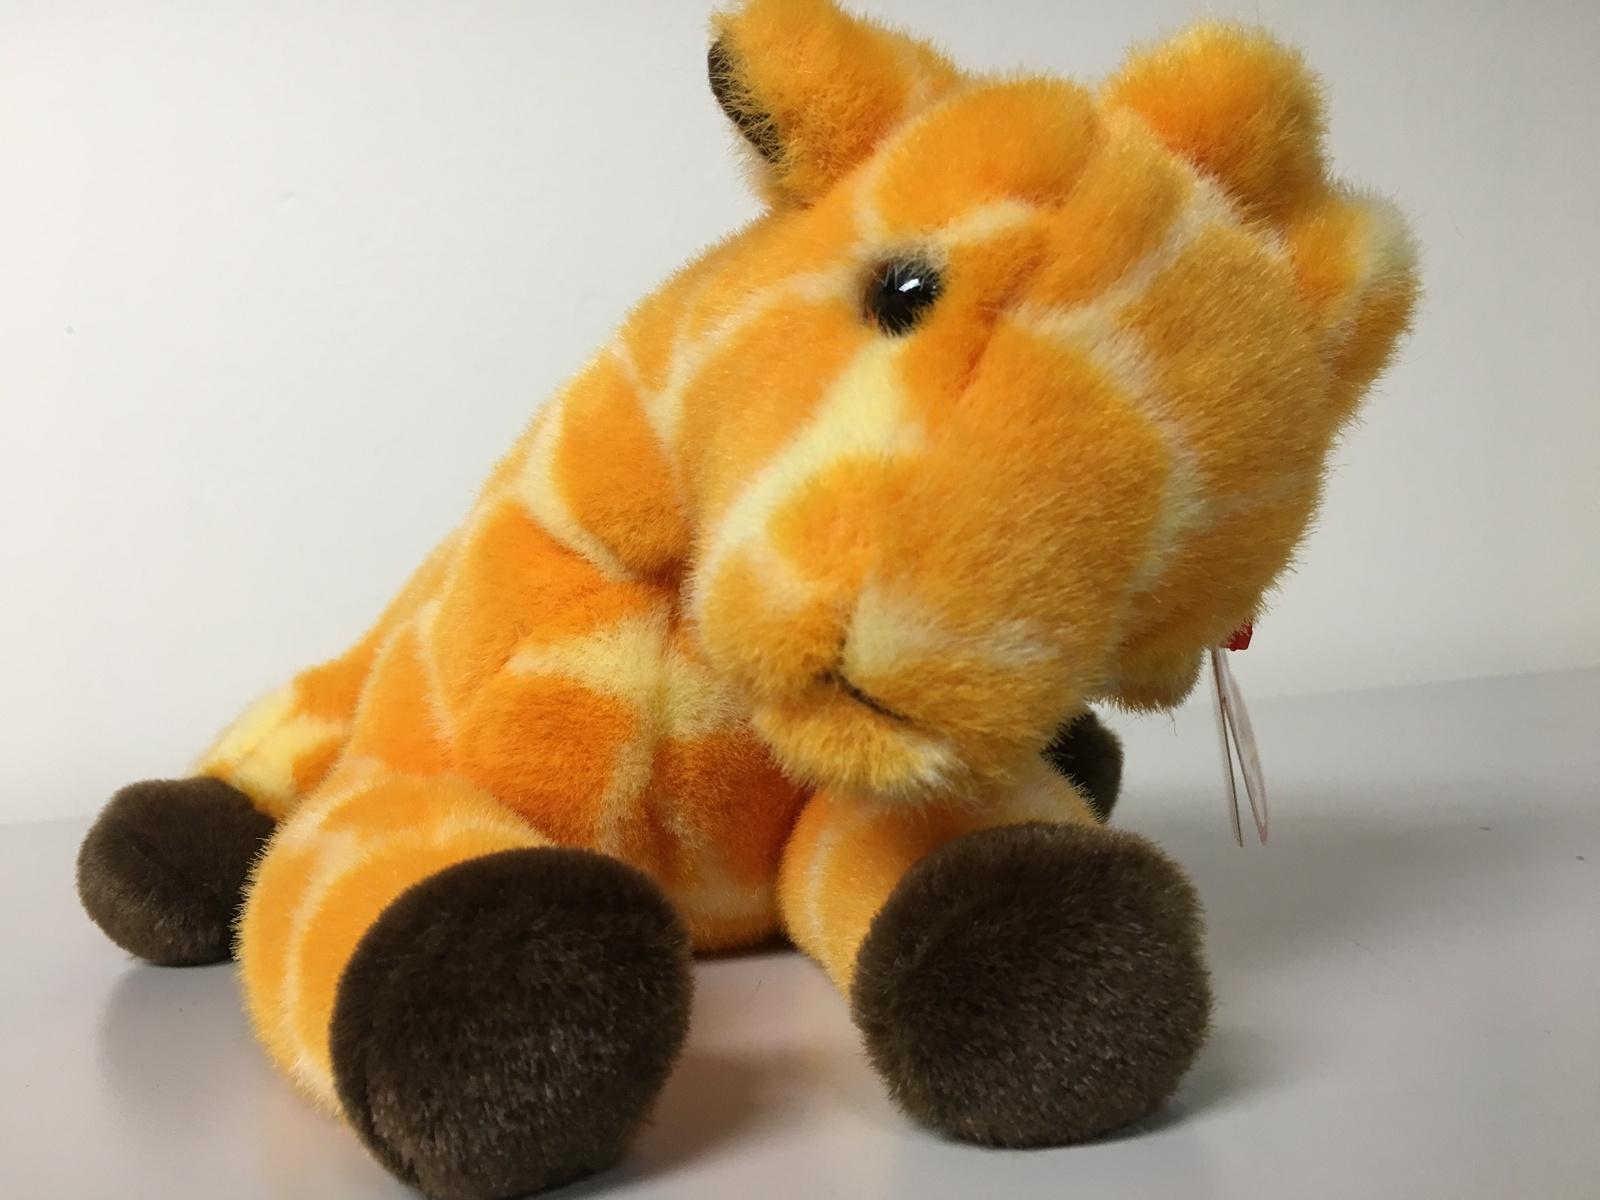 TY Beanie Buddy 1st Buddy to Retire TWIGS the Giraffe Rare!